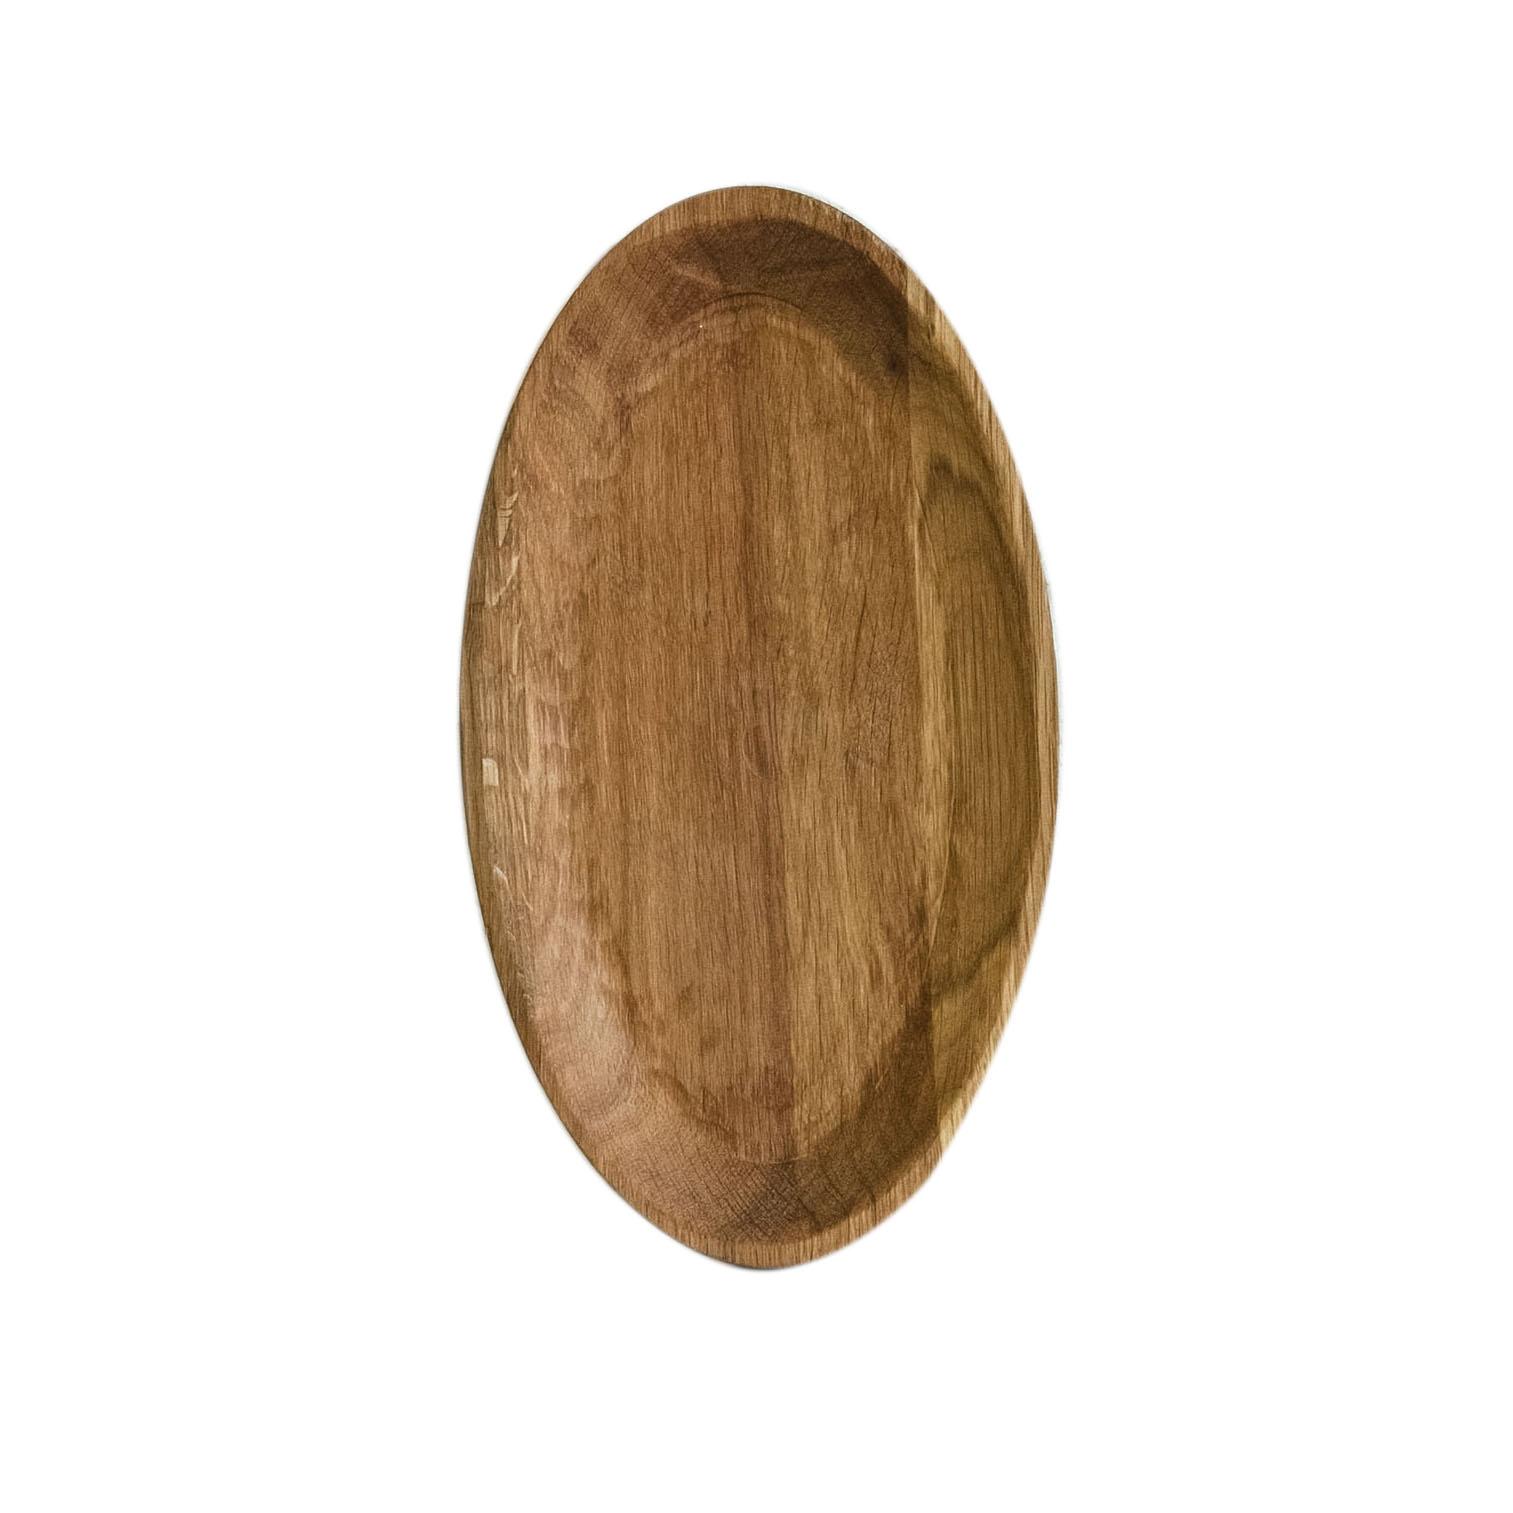 Тарелка ЯйцоДекоративные блюда<br>&amp;quot;Кика&amp;quot; - коллекция дубовых тарелок и плато для подачи, дополняющих друг друга. Сделана вручную. Покрытие: льняное масло. Ее внутренняя поверхность идеально зашлифована. При необходимости можно обновлять покрытие, протерев поверхность тряпочкой, смоченной льняным маслом. После влажной обработки ее нужно протирать полотенцем. Тарелка не предназначена для длительного хранения жидкостей. Из-за специфики ручного труда все предметы отличаются друг от друга.<br><br>Material: Дуб<br>Ширина см: 27.0<br>Высота см: 3.0<br>Глубина см: 15.0